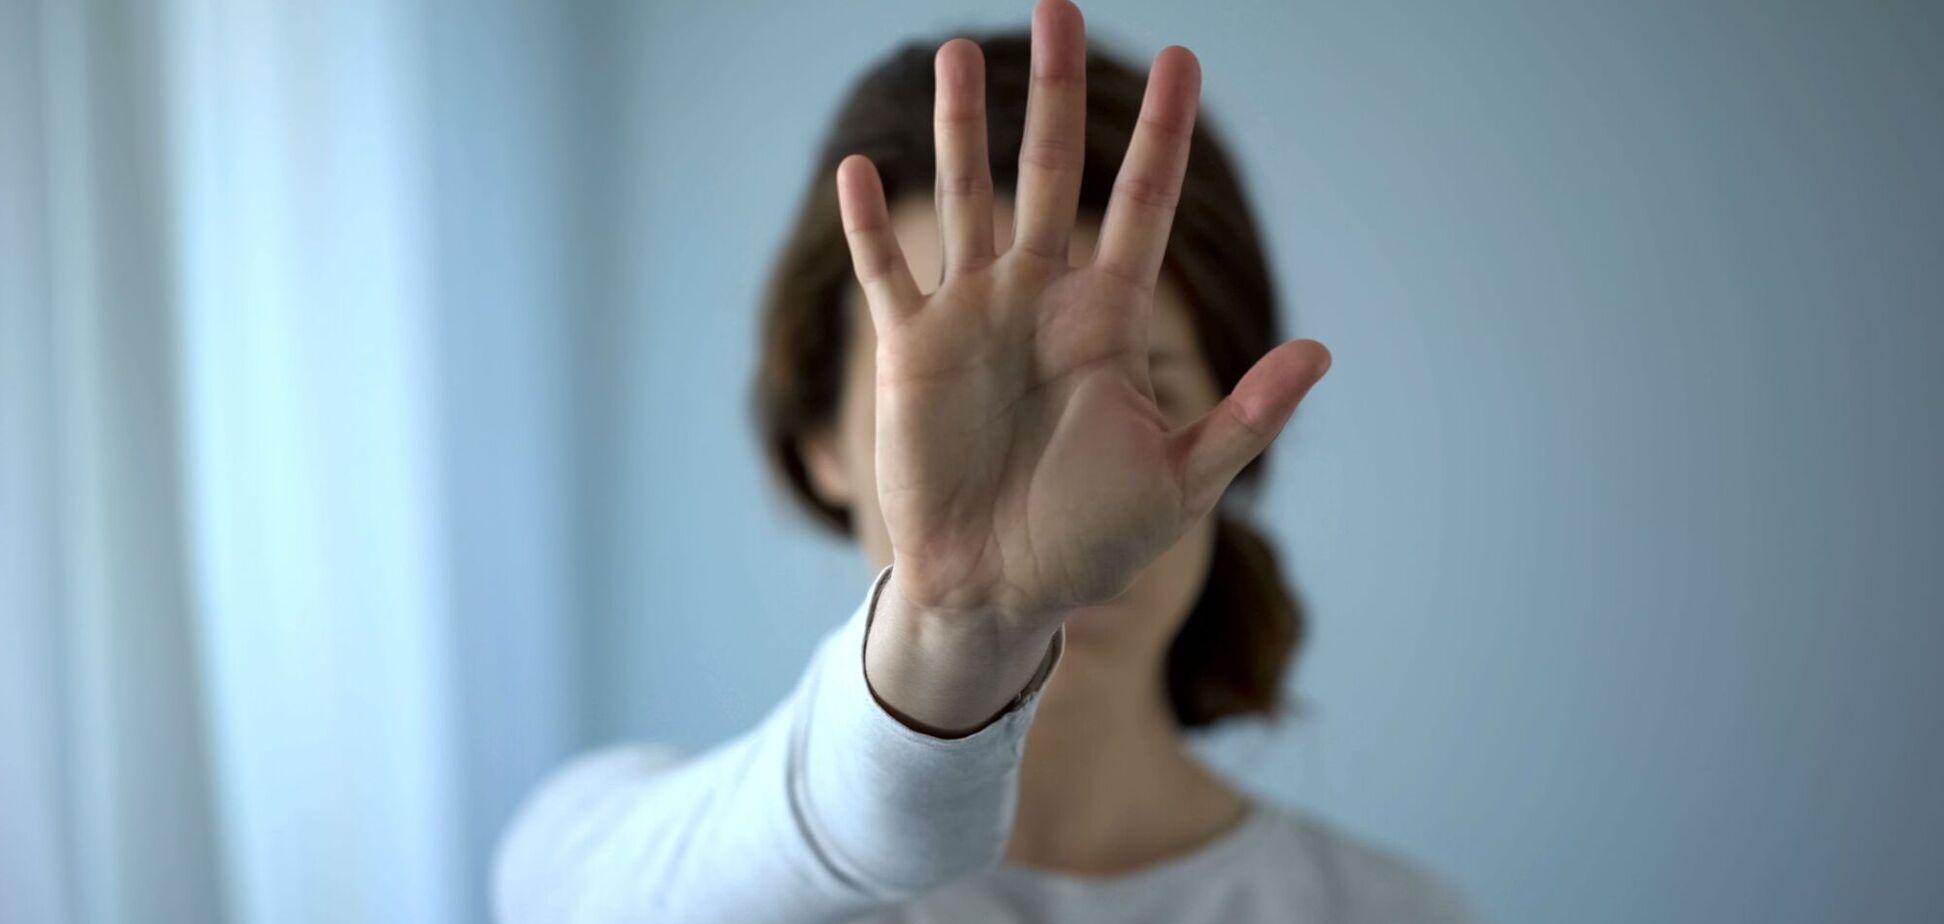 Твой дом – не ловушка! Как остановить домашнее насилие